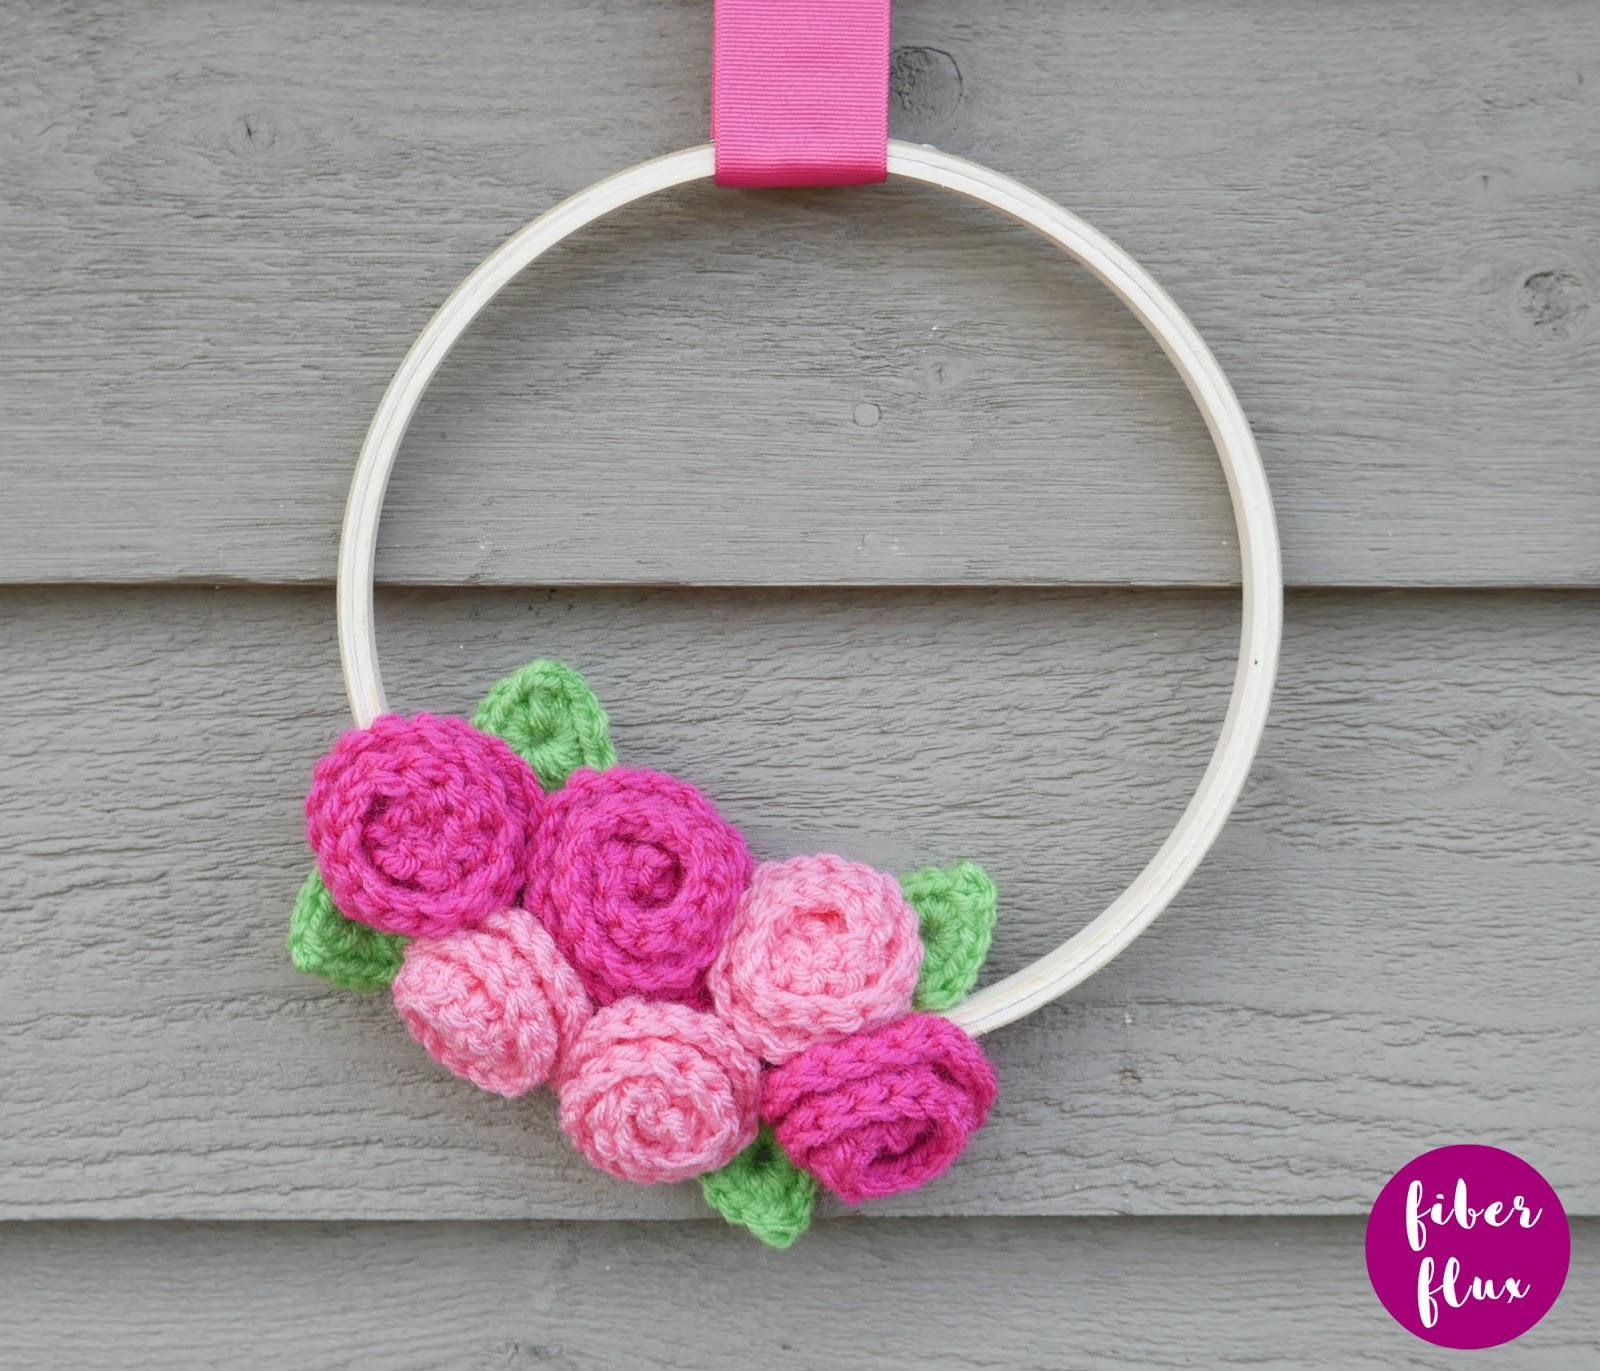 Fiber Flux Rose Bouquet Embroidery Hoop Wreath Free Crochet Pattern